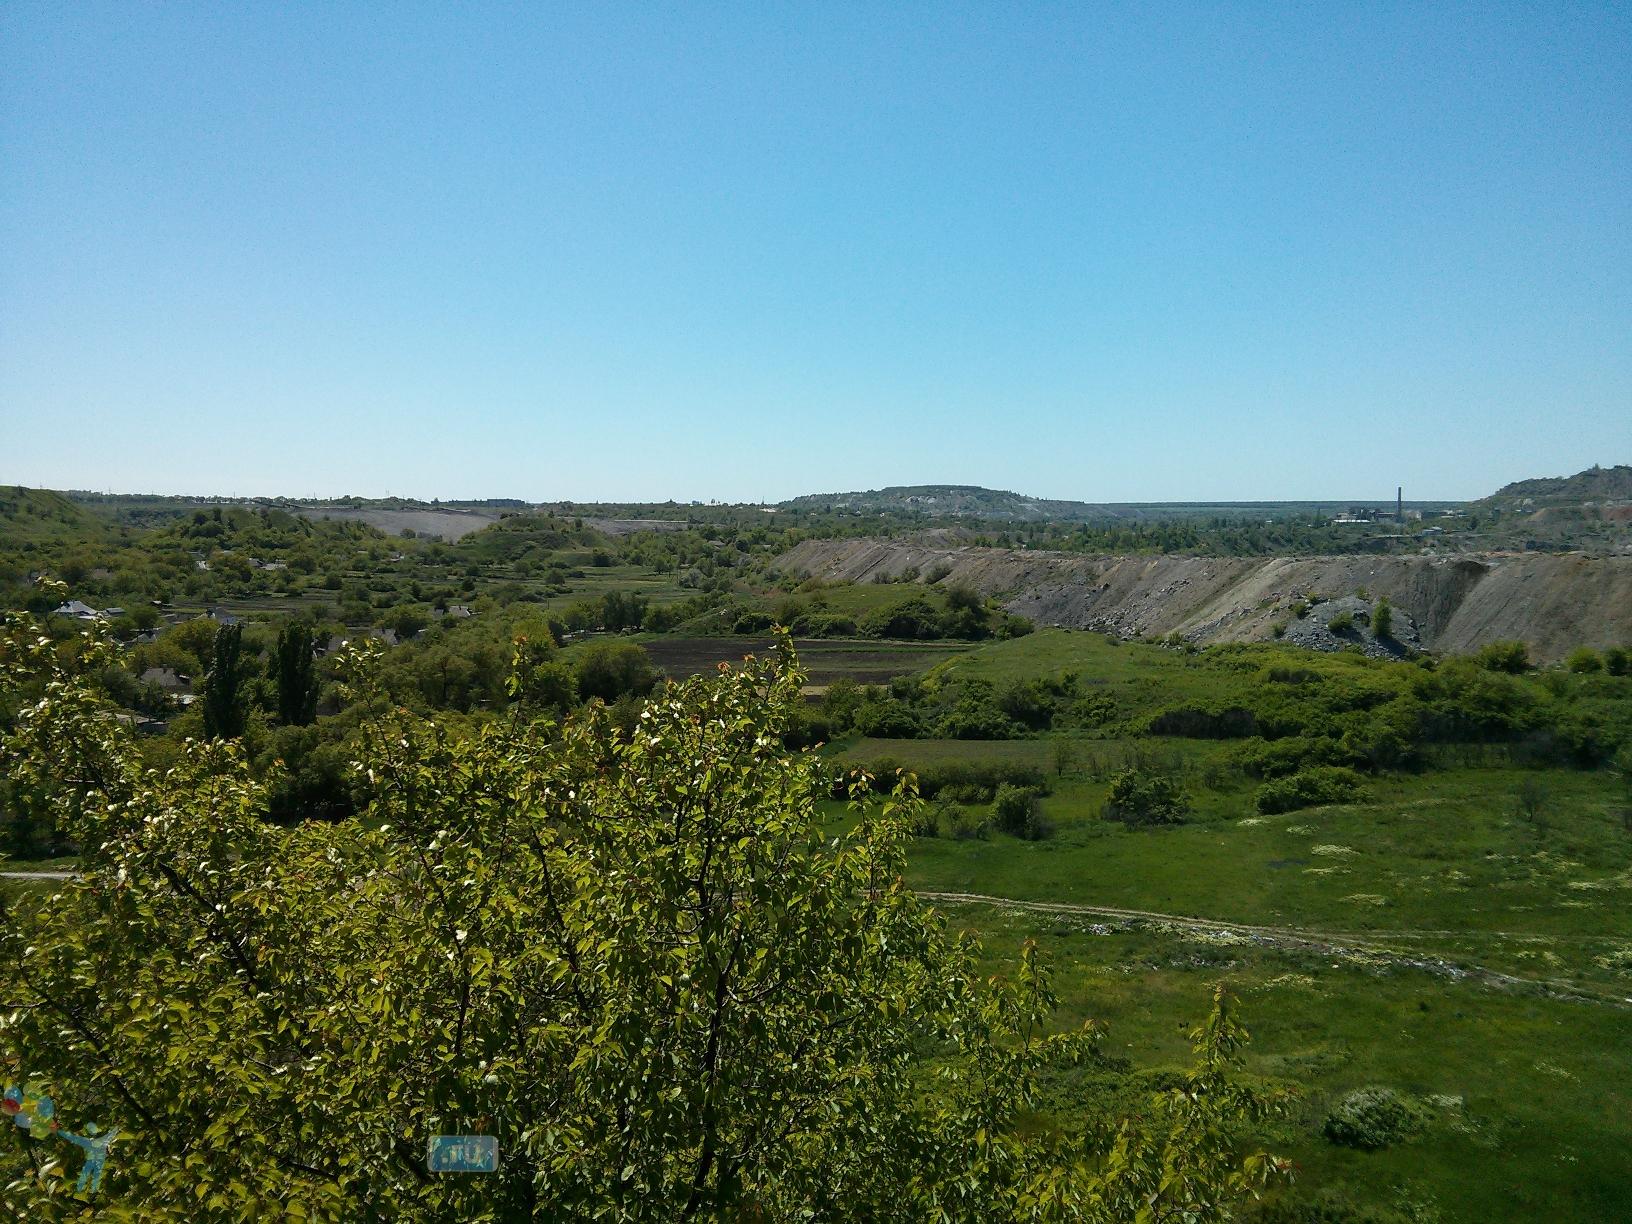 Фото с камеры LG Nexus 4 - горный пейзаж